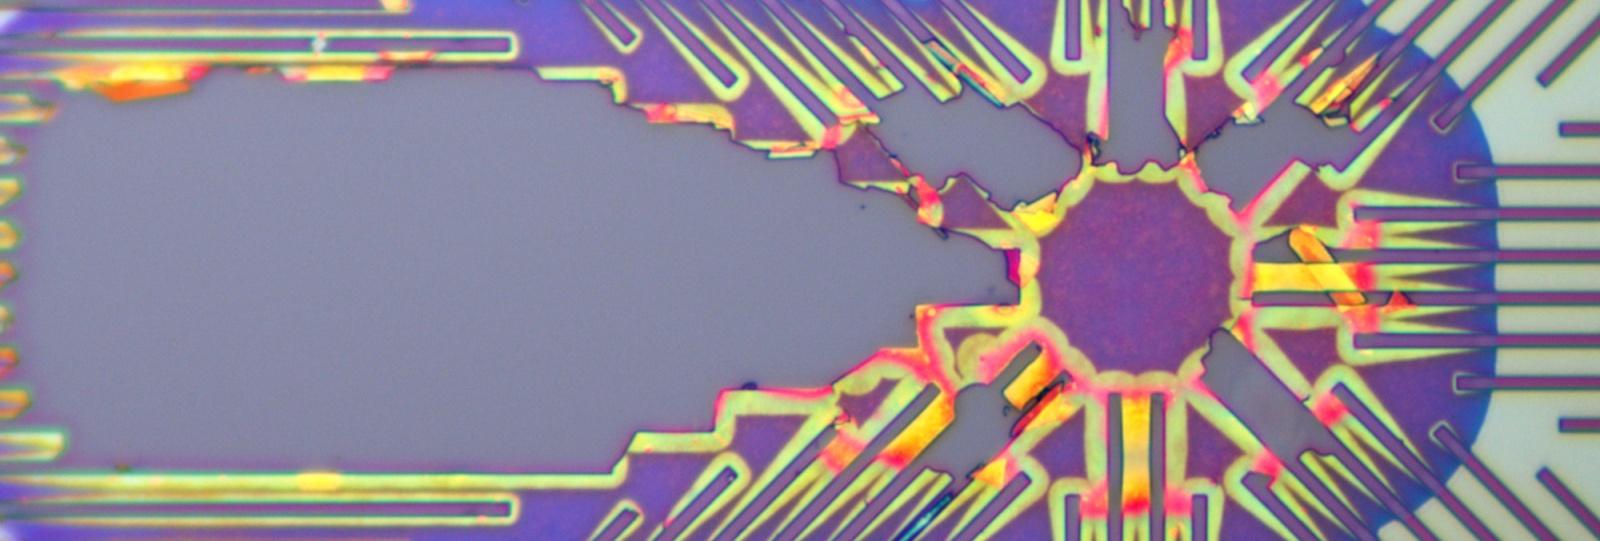 Внутренности SDR чипа AD9361 — когда микроэлектроника выгоднее наркоторговли - 1